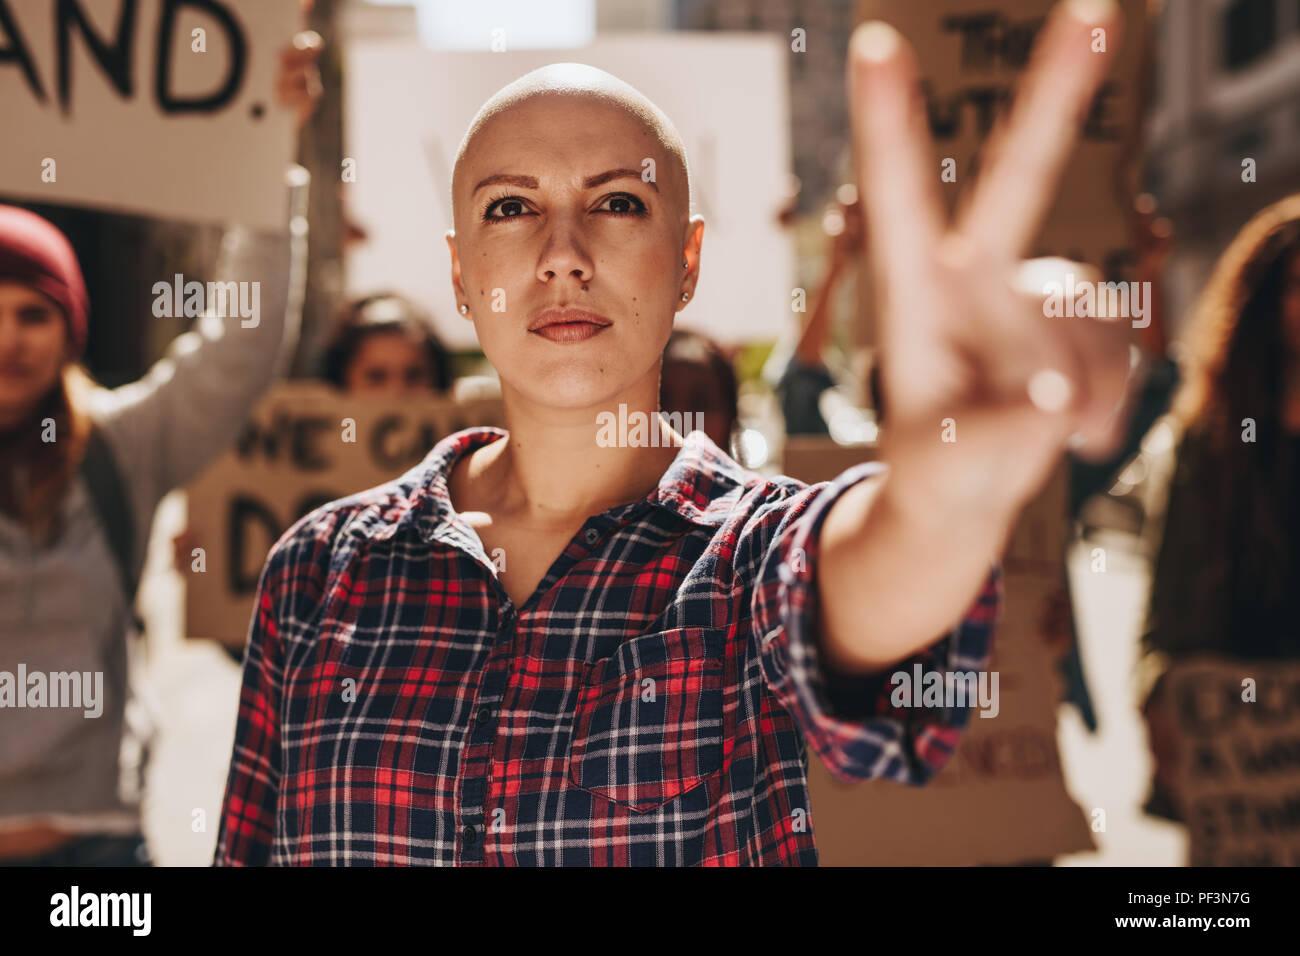 Glatze Frau protestiert im Freien und zeigt ein Frieden Hand unterzeichnen. Frau mit einer Gruppe von Menschen protestieren im Freien auf Straße der Stadt. Stockbild